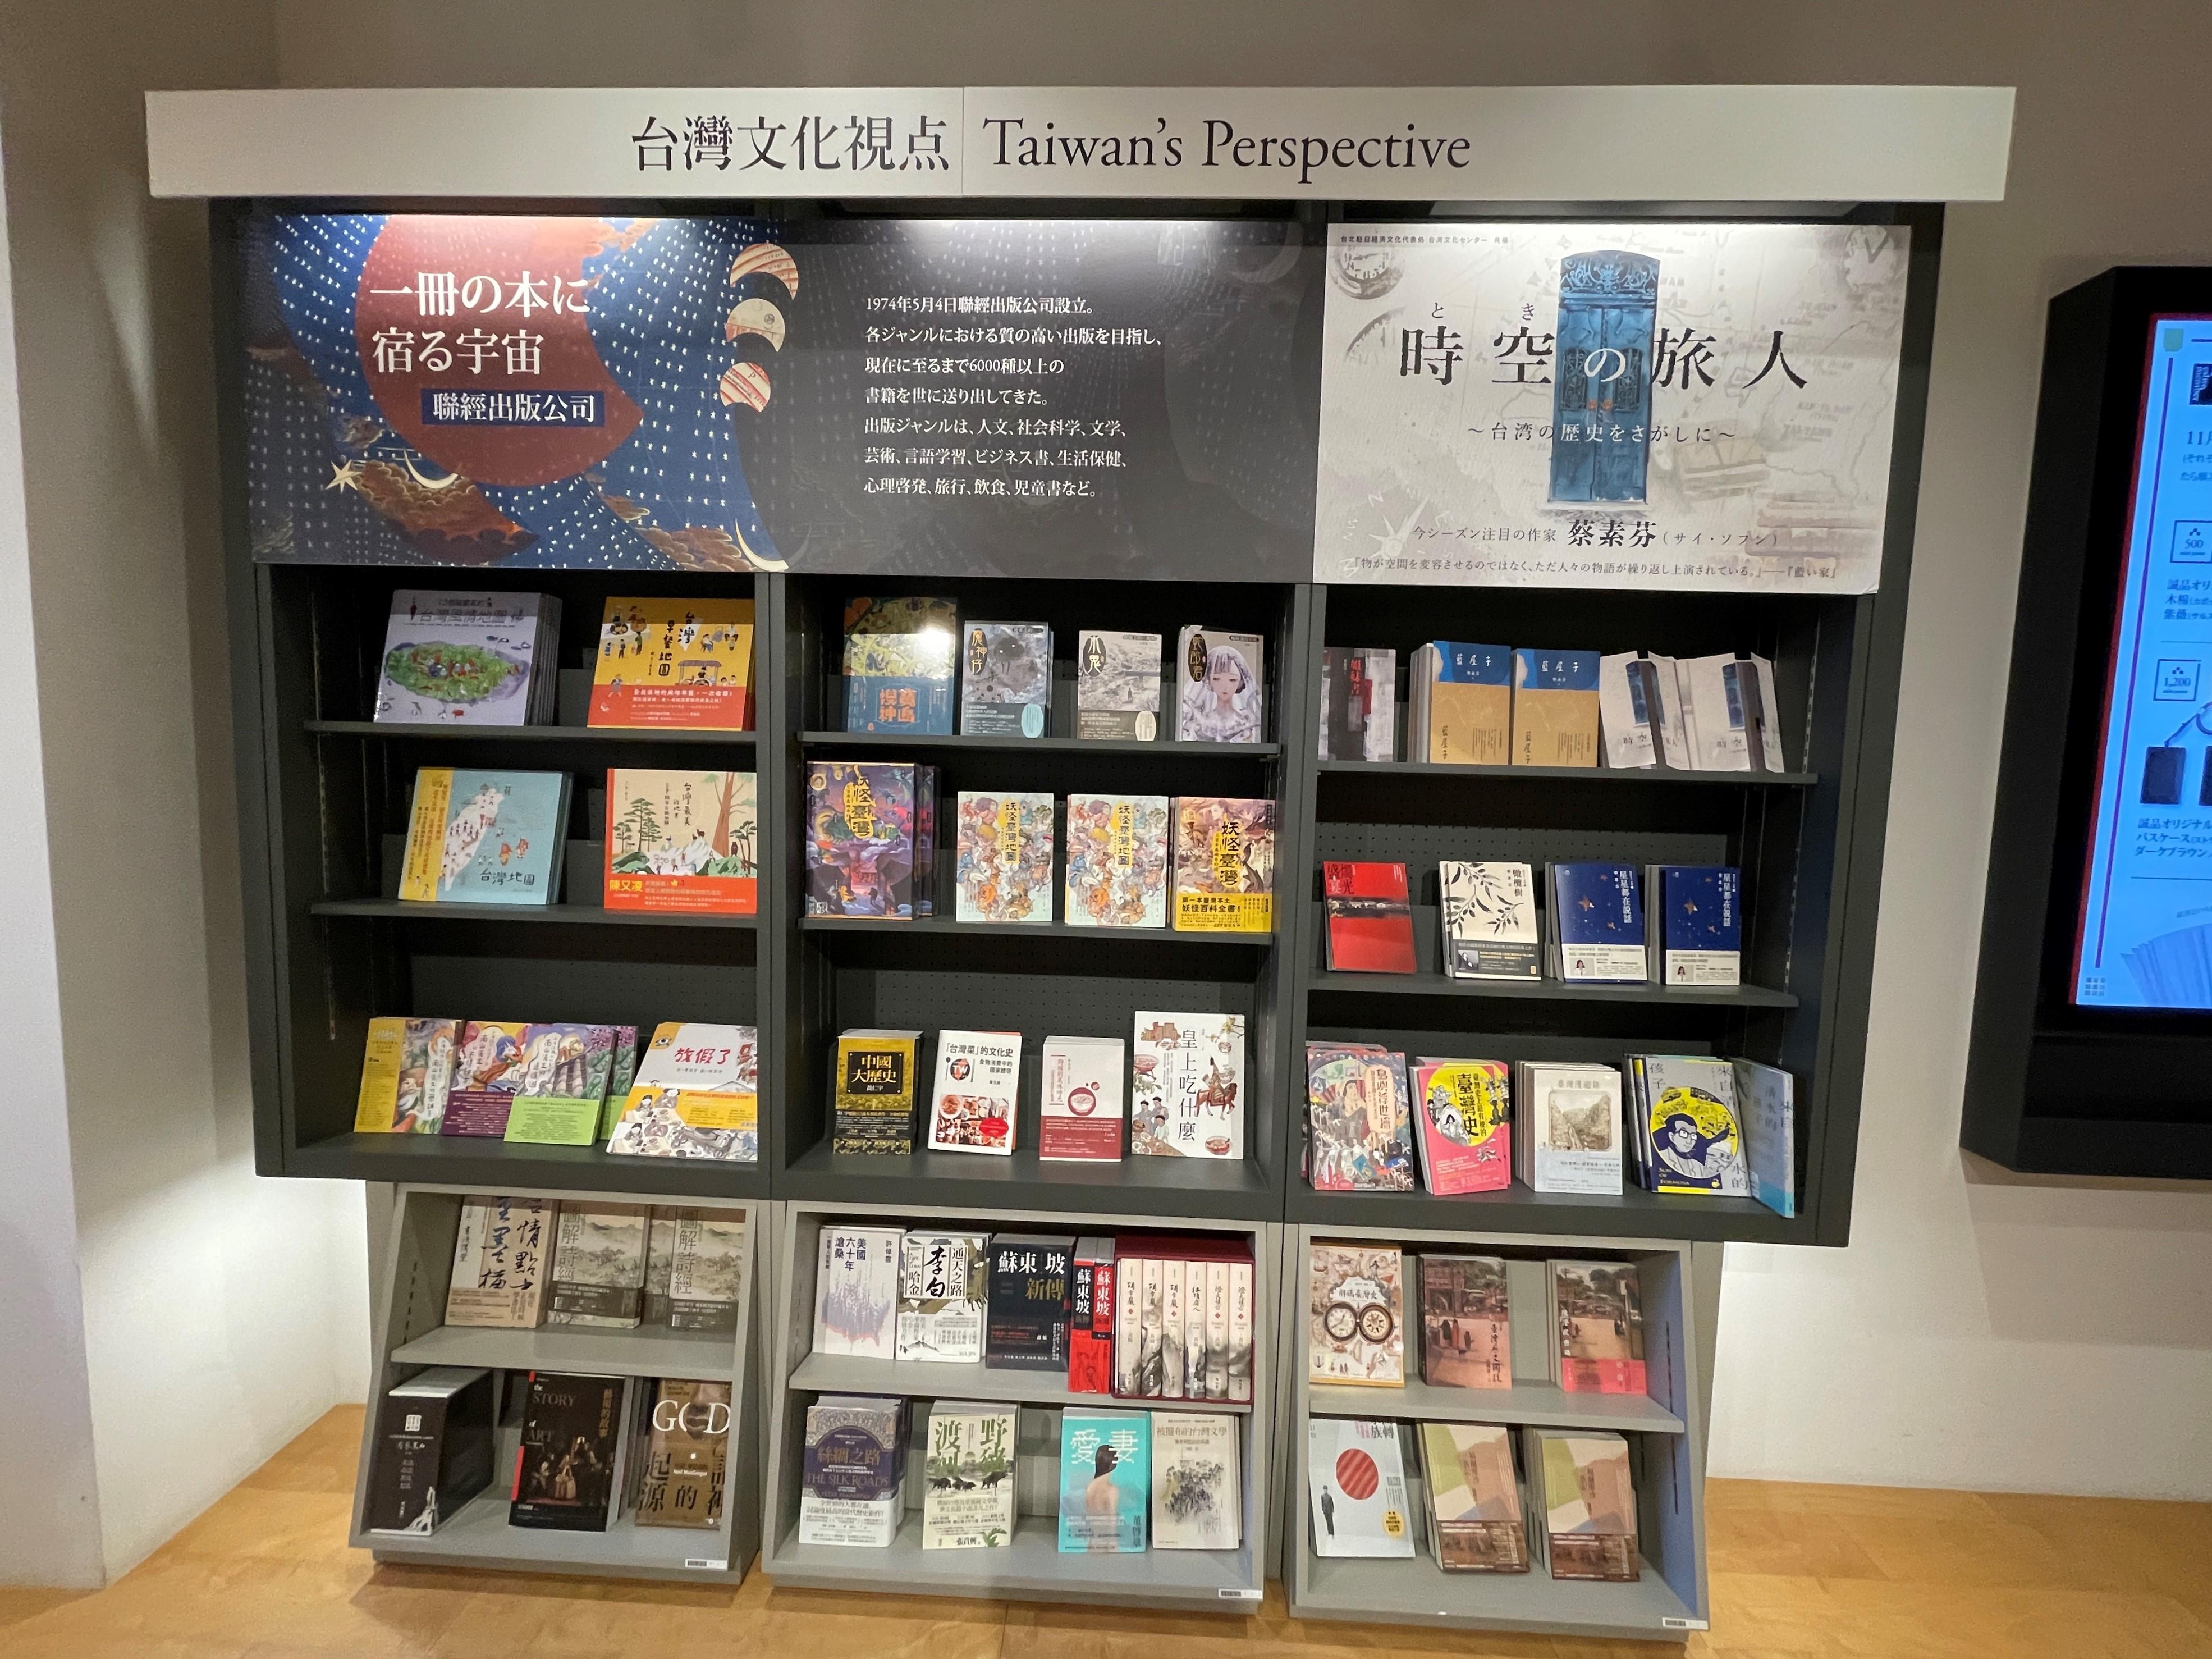 「時空的旅人─尋找台灣歷史」書展於誠品生活日本橋書店展出.jpg